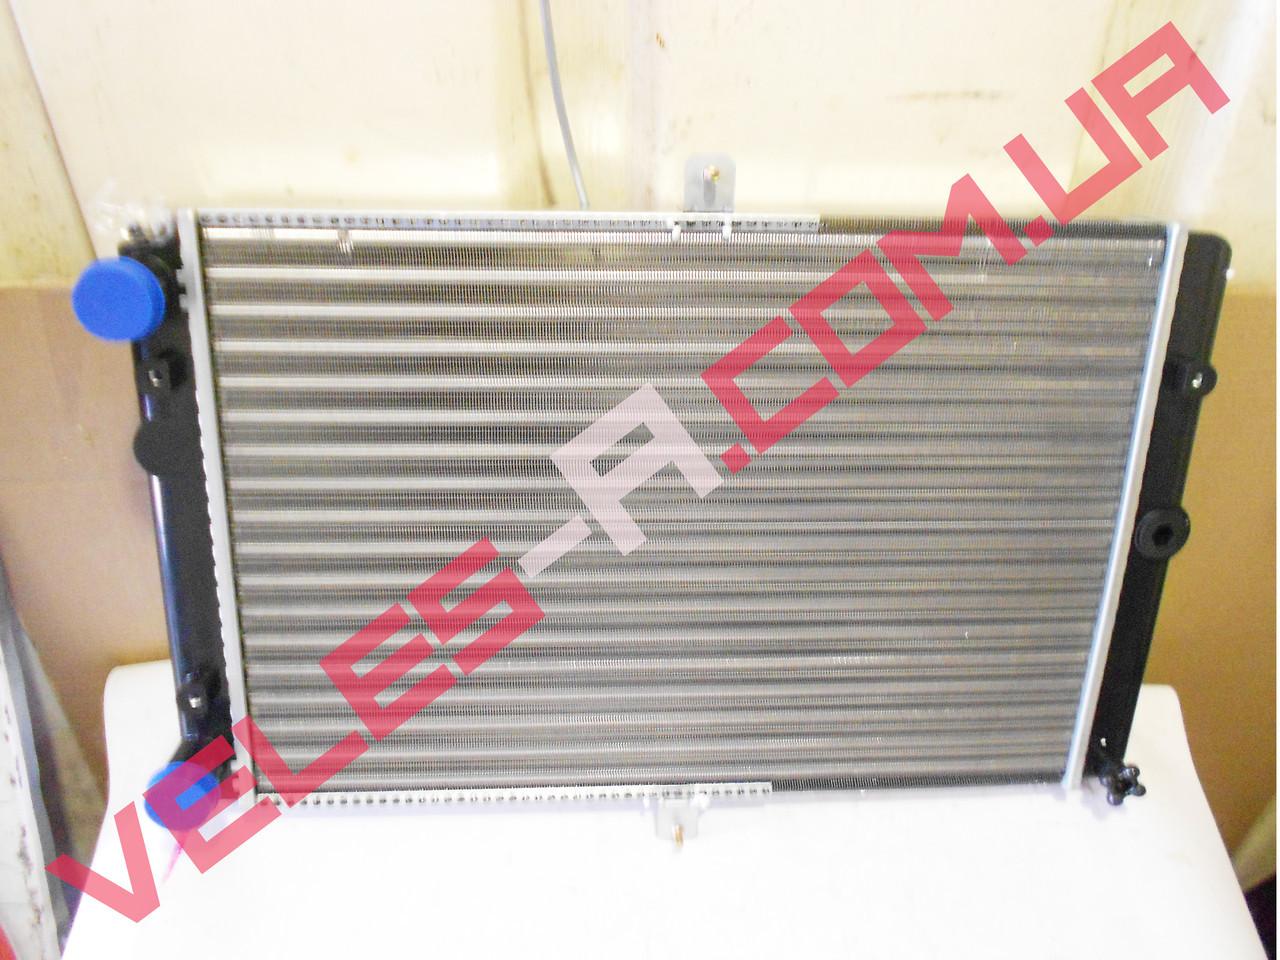 Радиатор охлаждения ВАЗ 2108, 2109, 21099, 2113, 2114, 2115 кабюратор LSA ECO